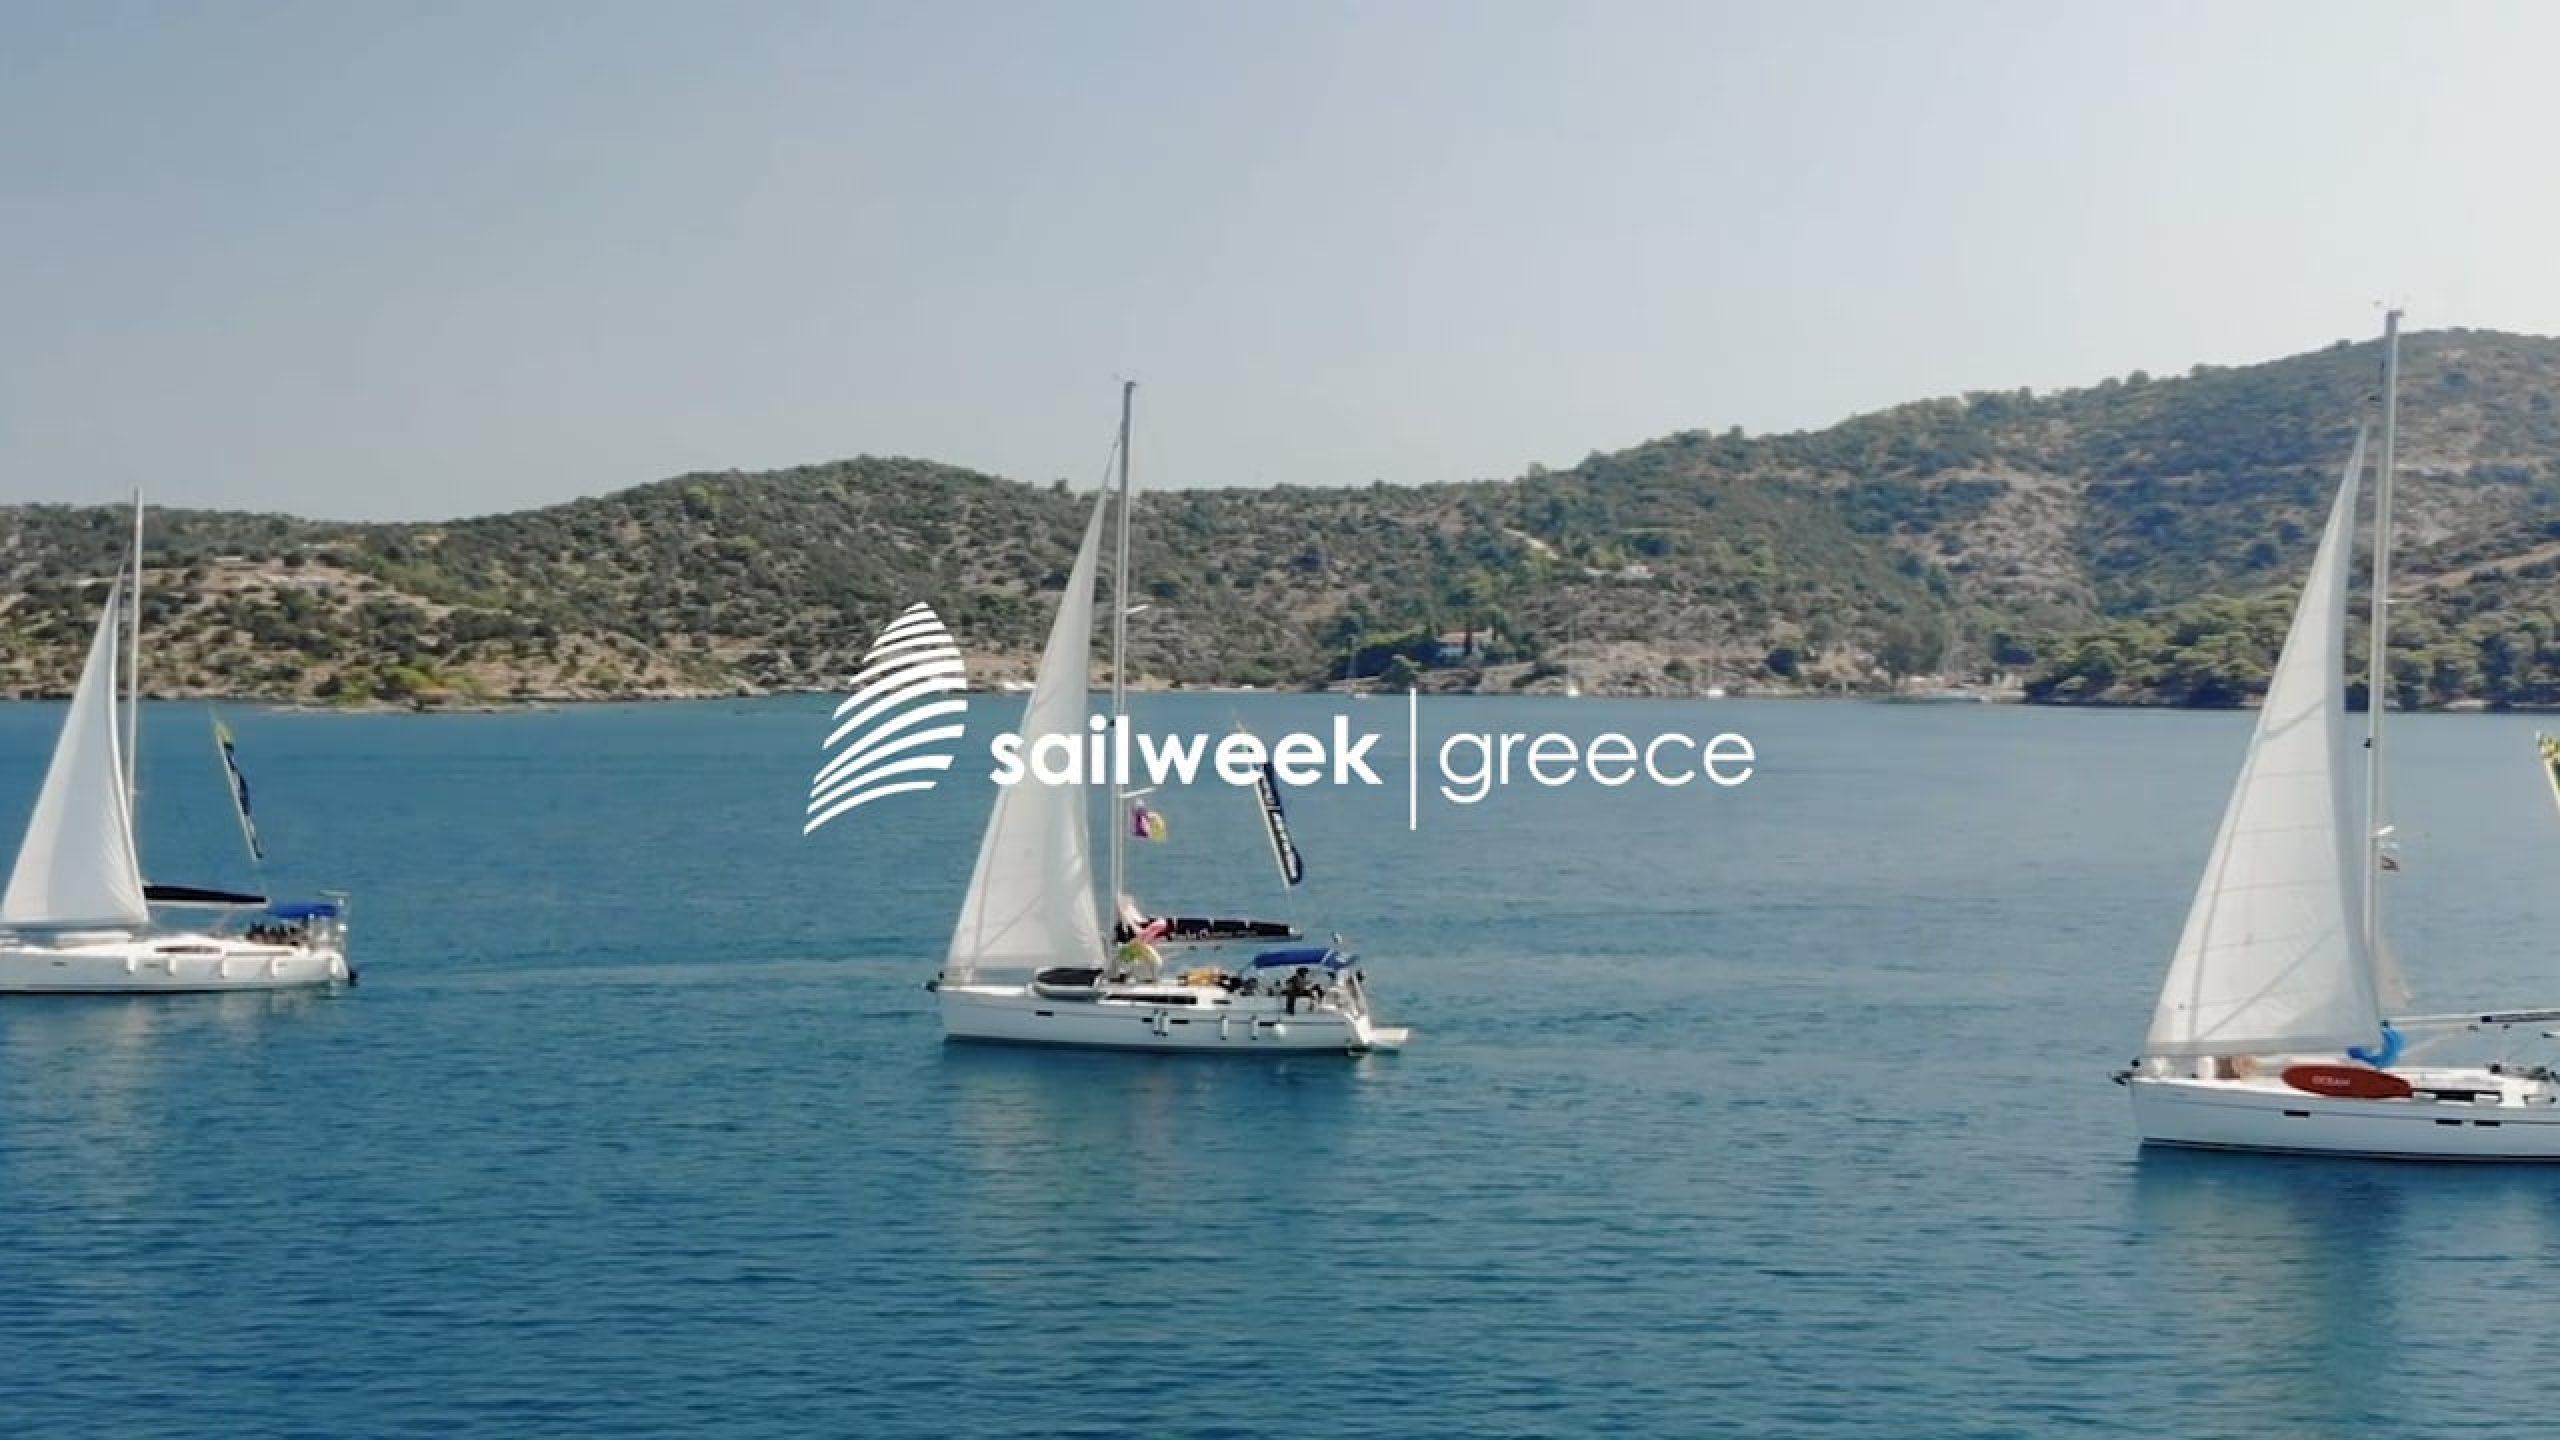 Sailweek